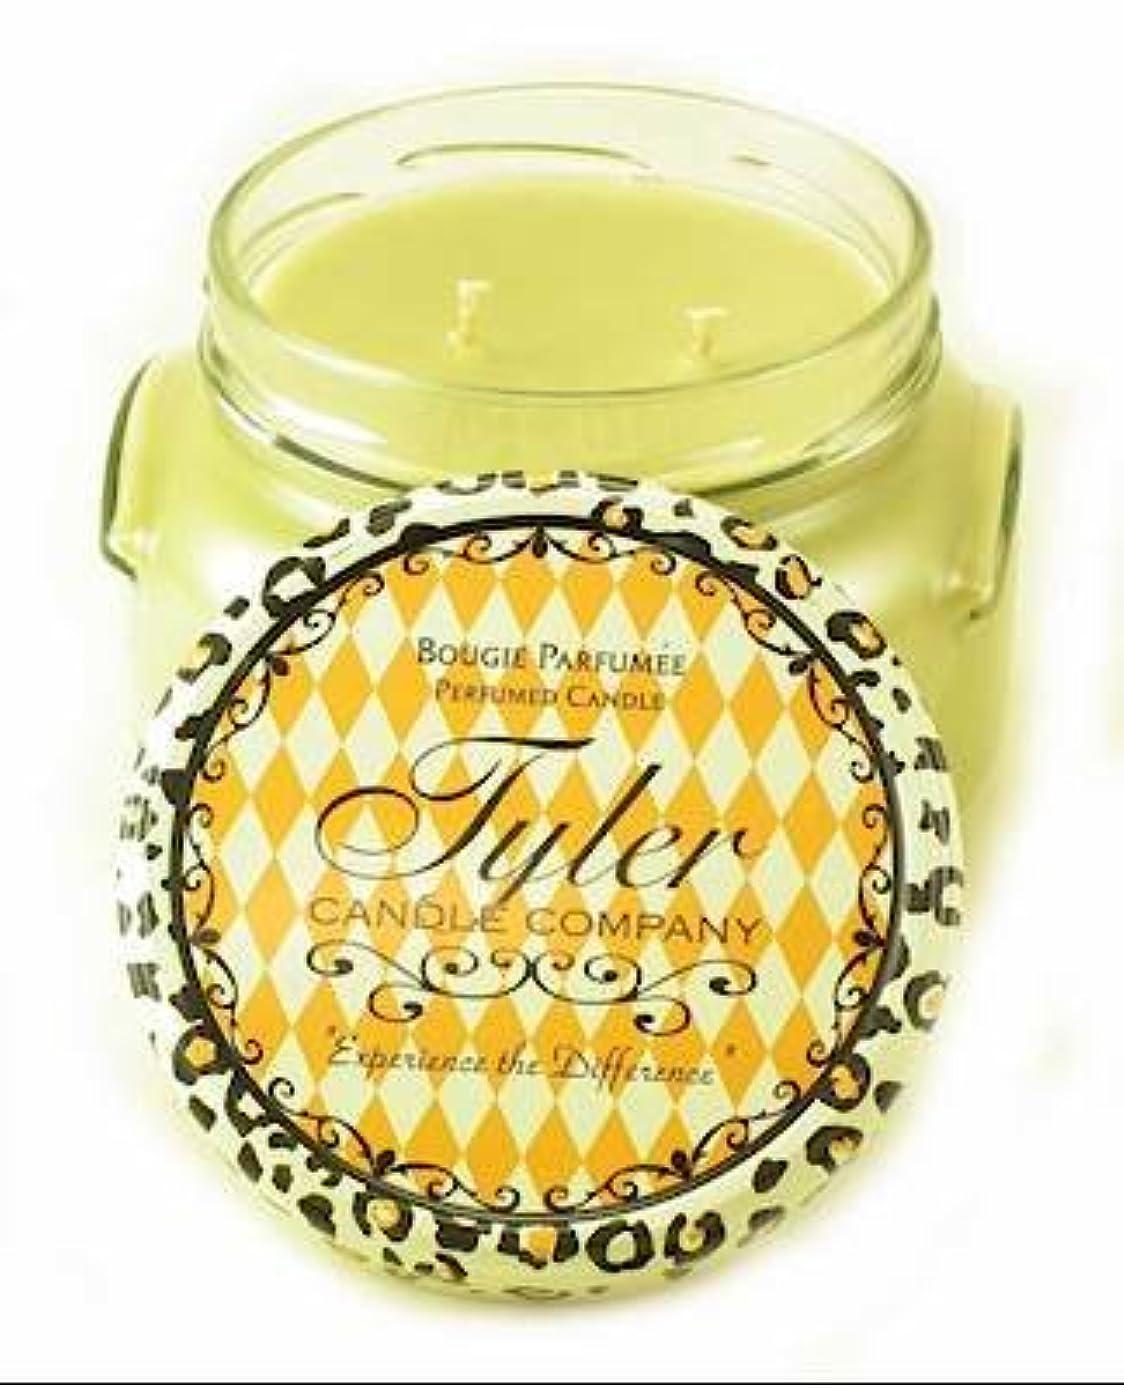 略奪圧縮された発揮するWhat a Pear Tyler 11 oz Medium香りつき2-wick Jar Candle